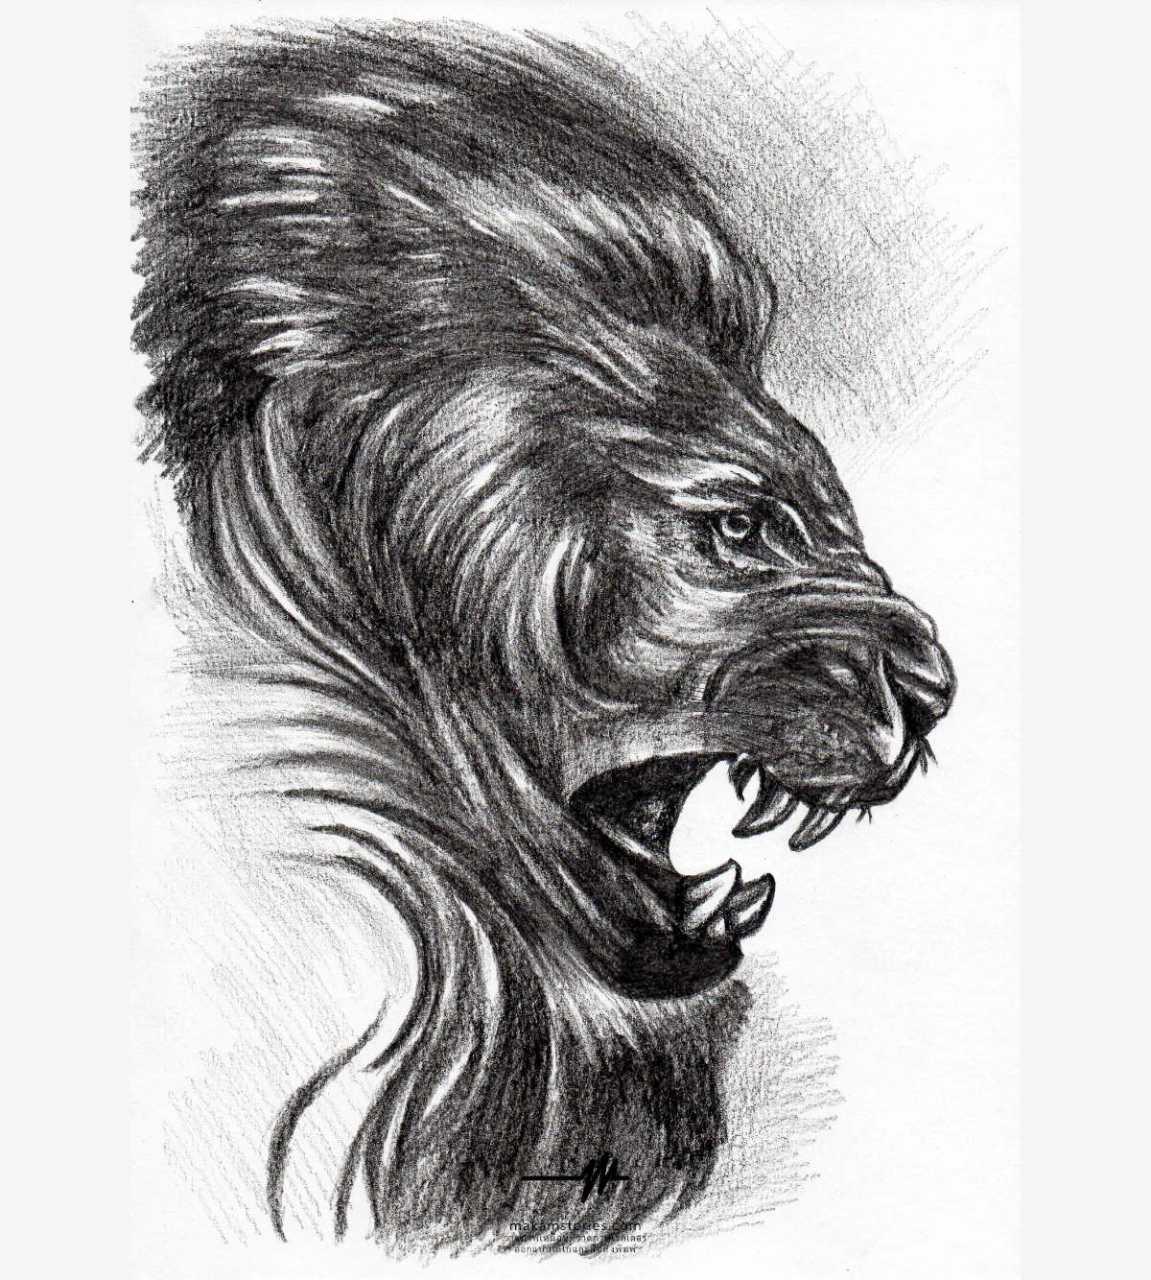 ภาพวาดลายเส้น ภาพวาดดรออิ้งหัวสิงโต สำหรับนำไปเป็นแบบลายสัก